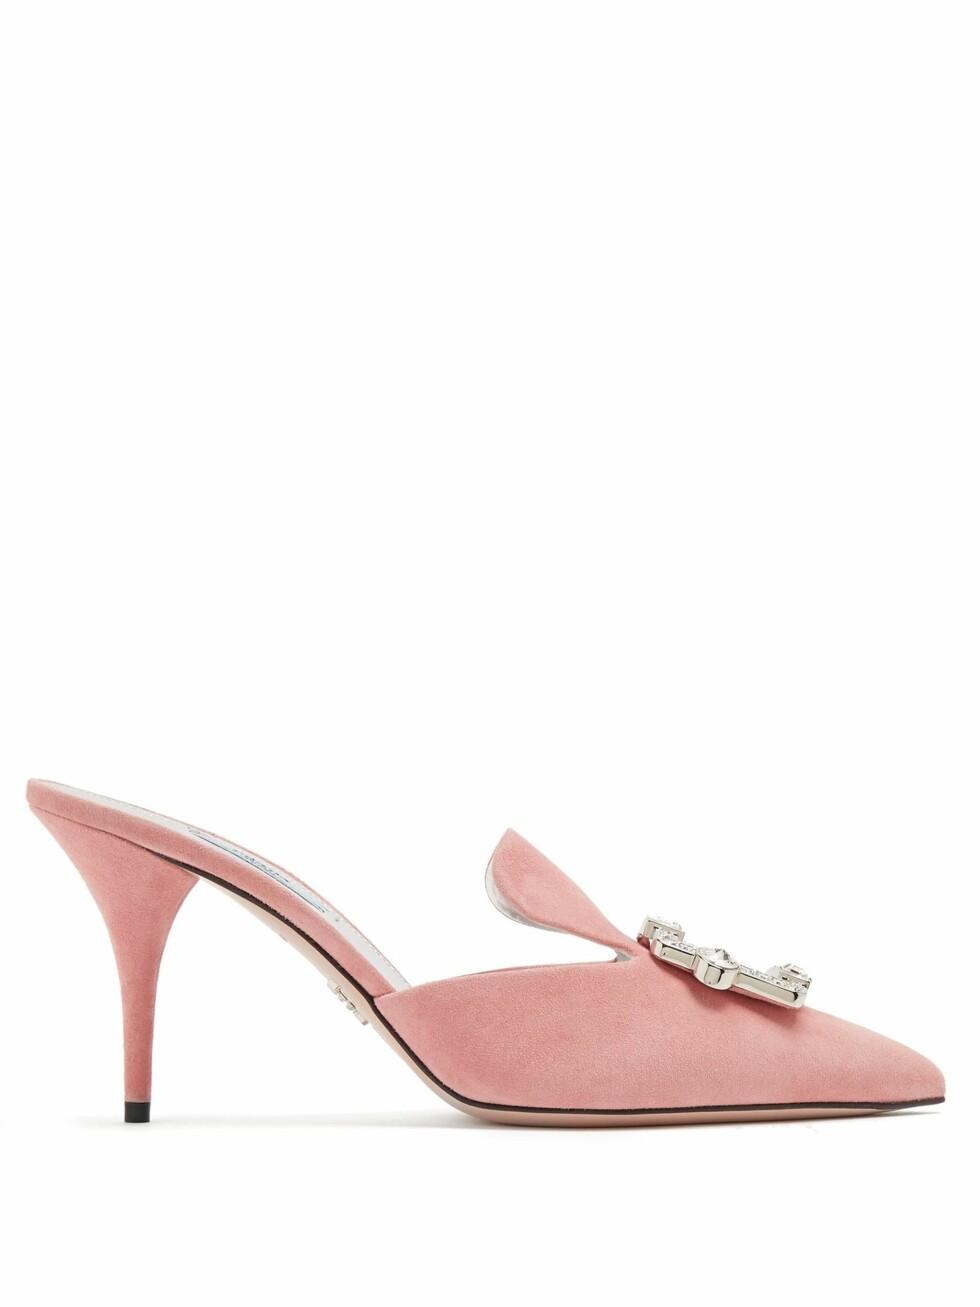 Sko fra Prada |3380,-| https://www.matchesfashion.com/intl/products/Prada-Crystal-buckle-suede-mules-1192308